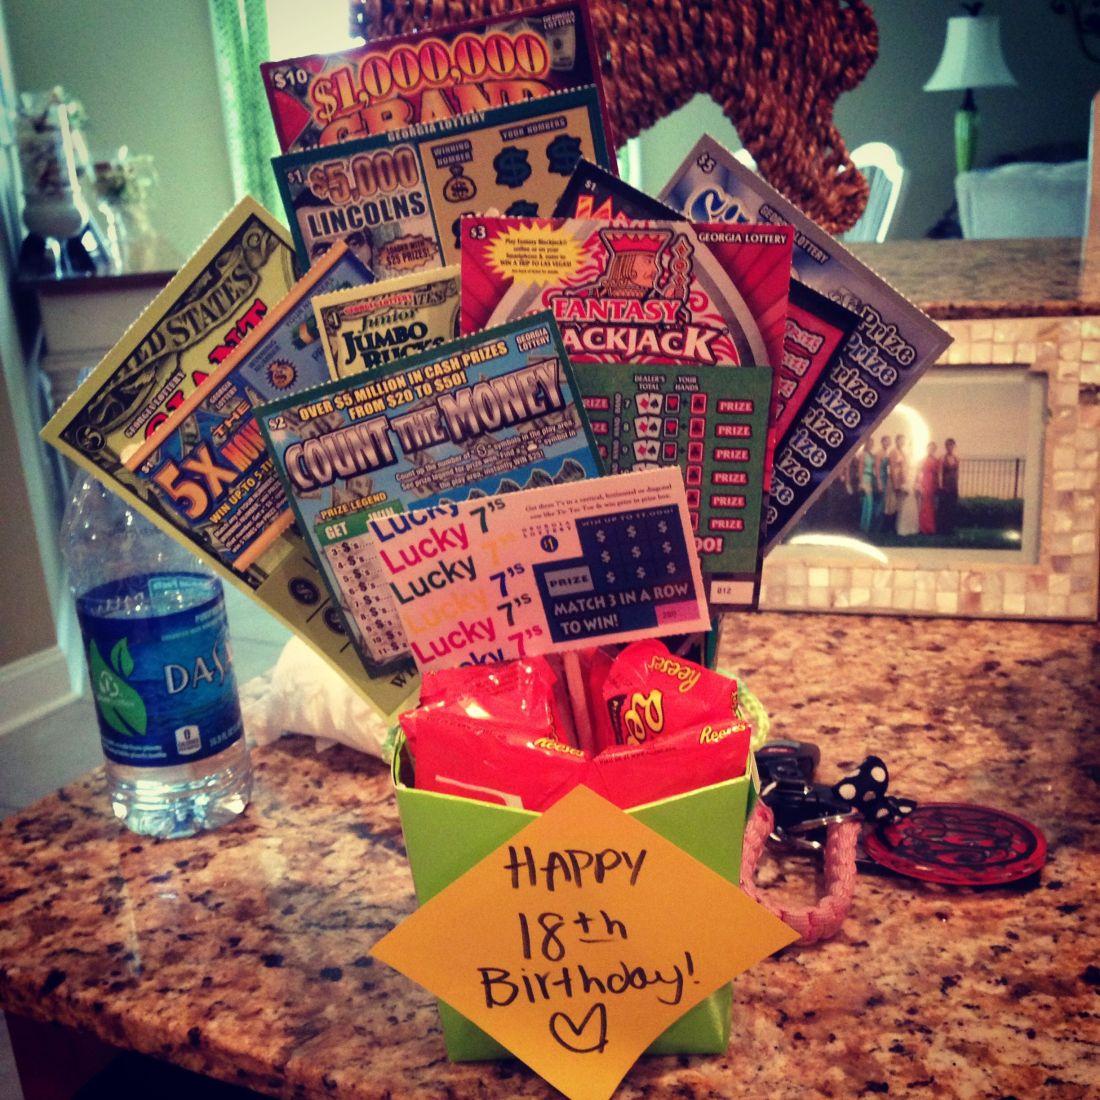 18th birthday gift scratchoffs parties gift ideas